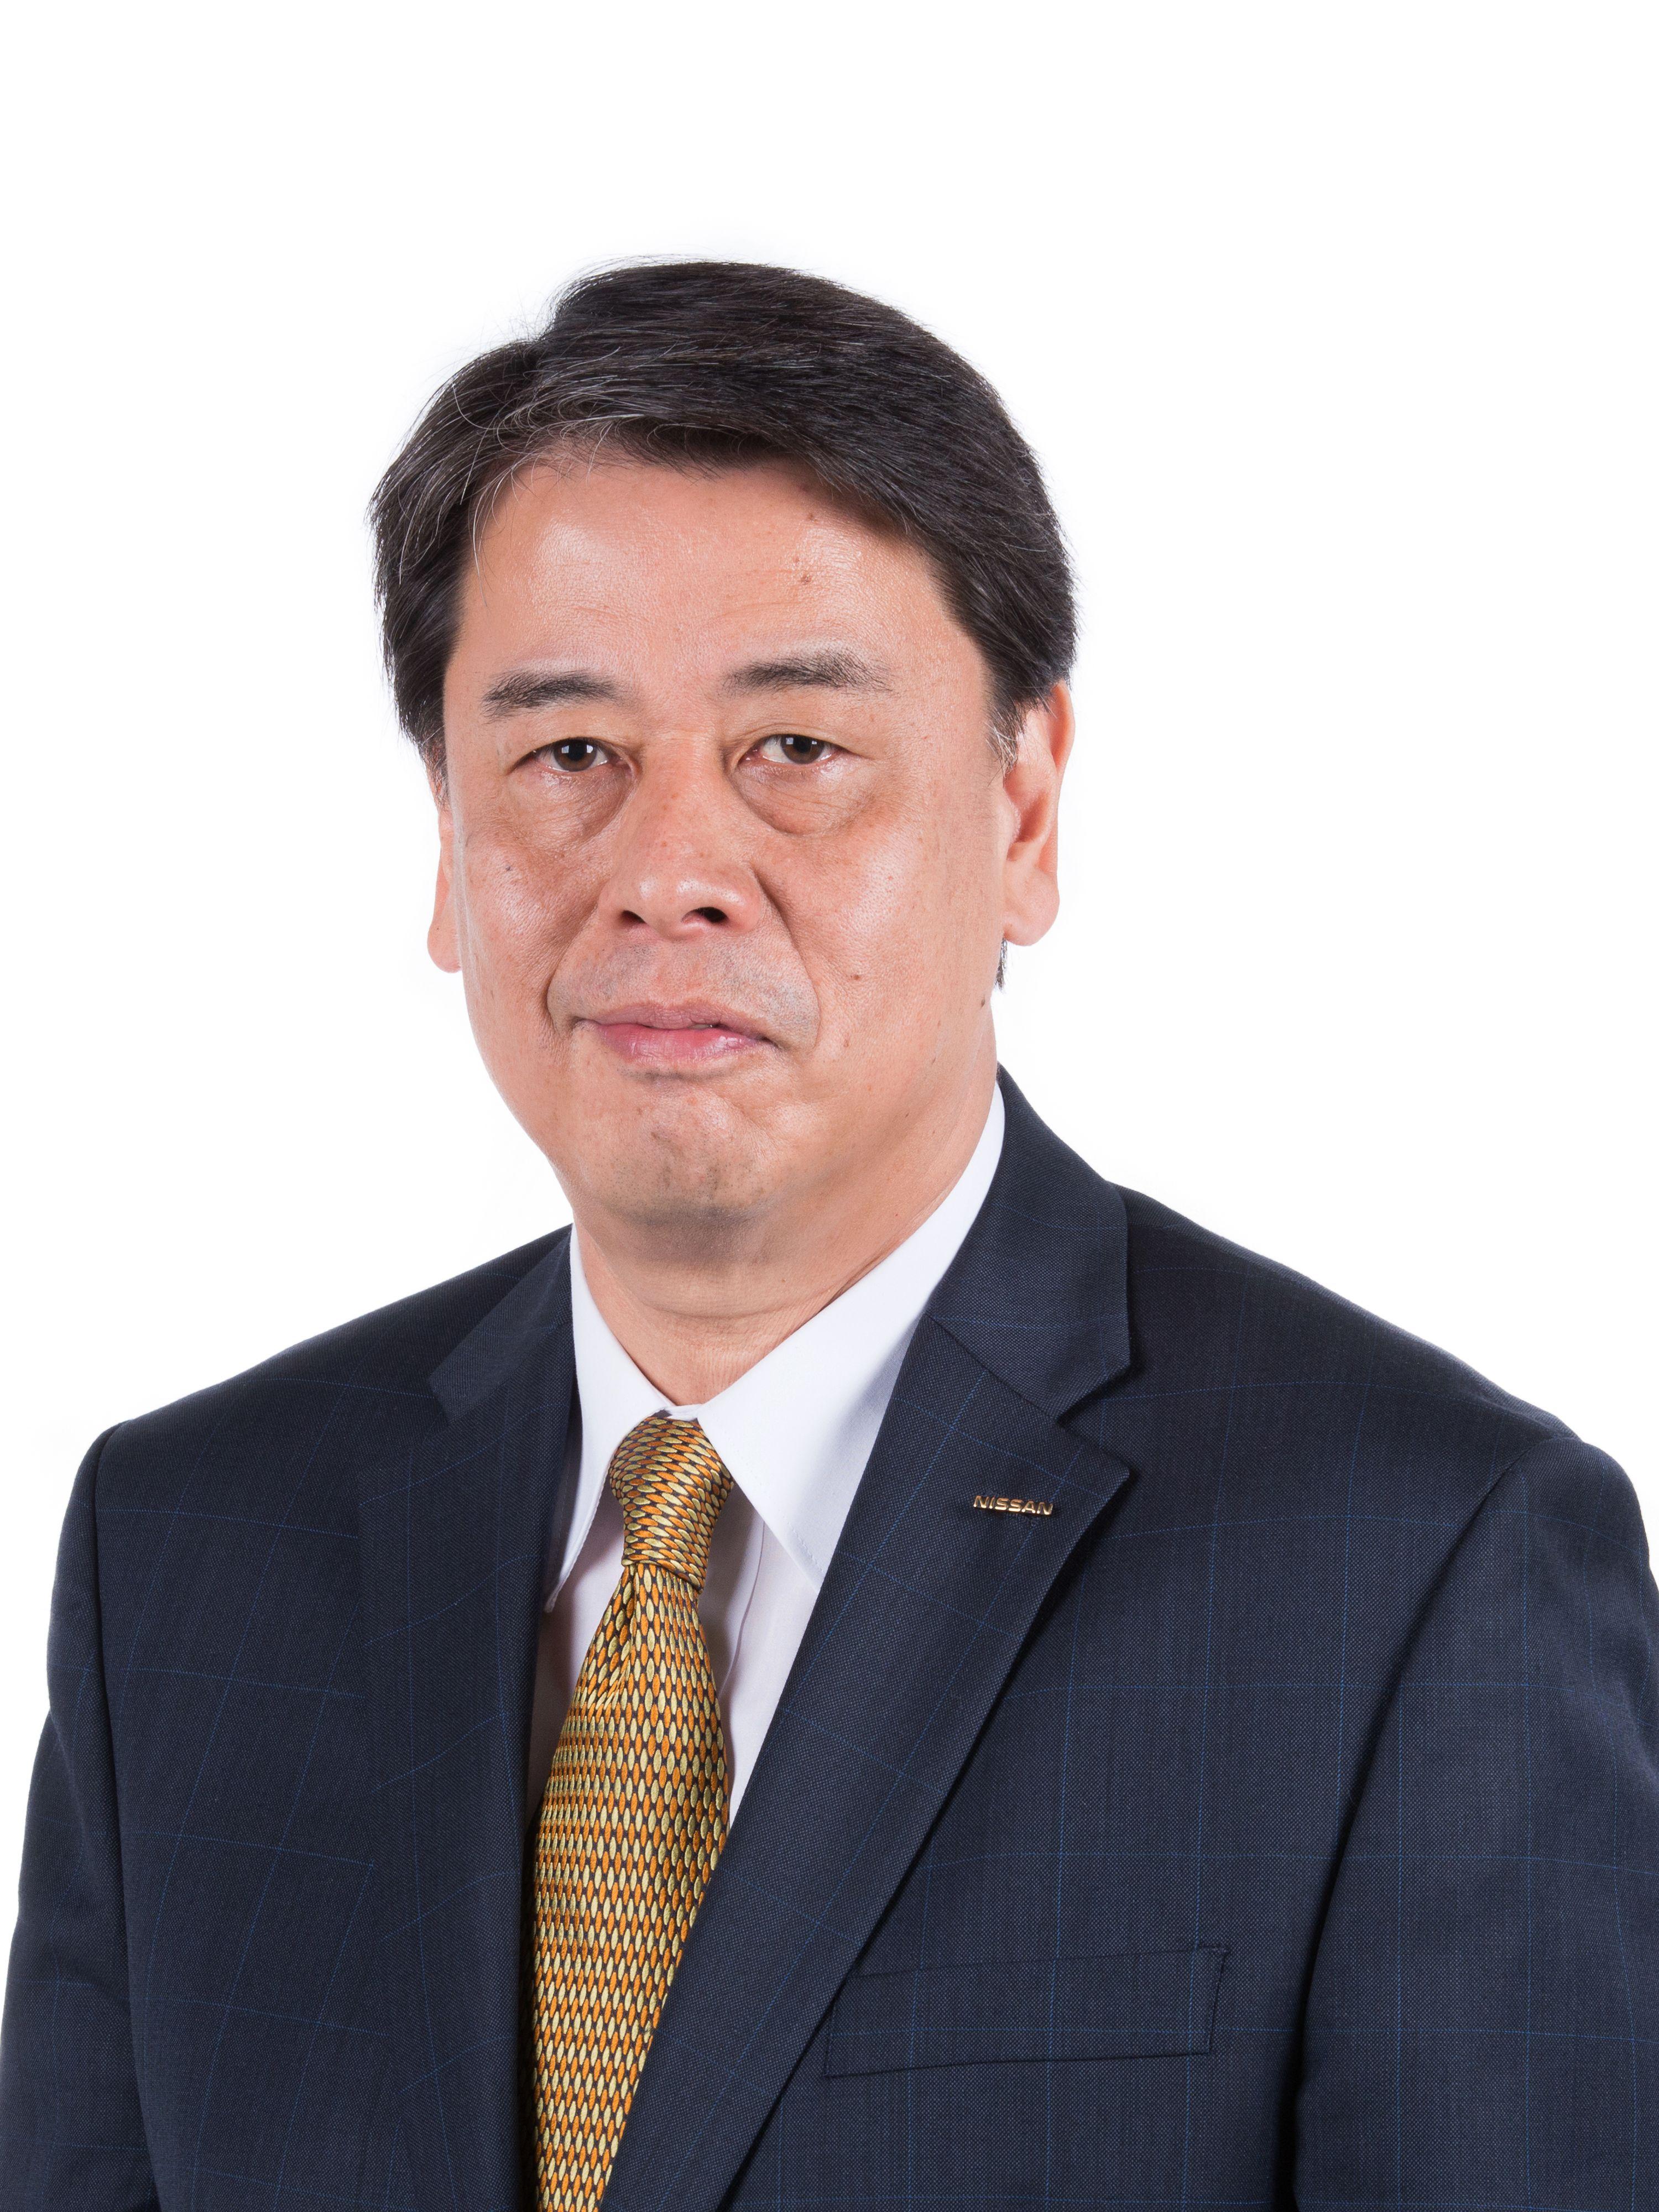 日産 12月1日付けで内田氏が社長CEOに就任 新しい経営体制の発足急ぐ